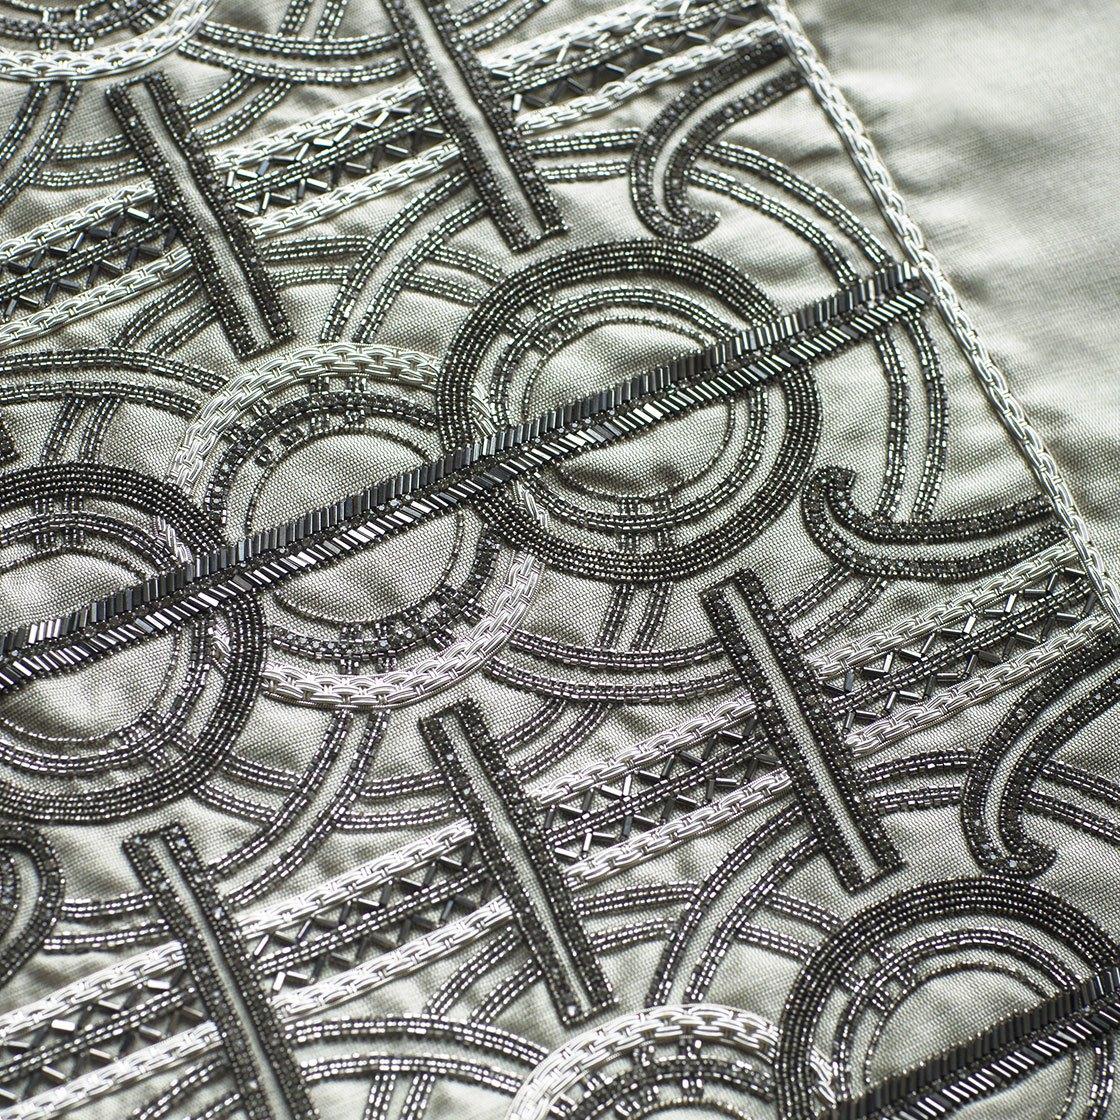 Circe on Lagan silk - Manhattan - Beaumont & Fletcher - Beaumont & Fletcher